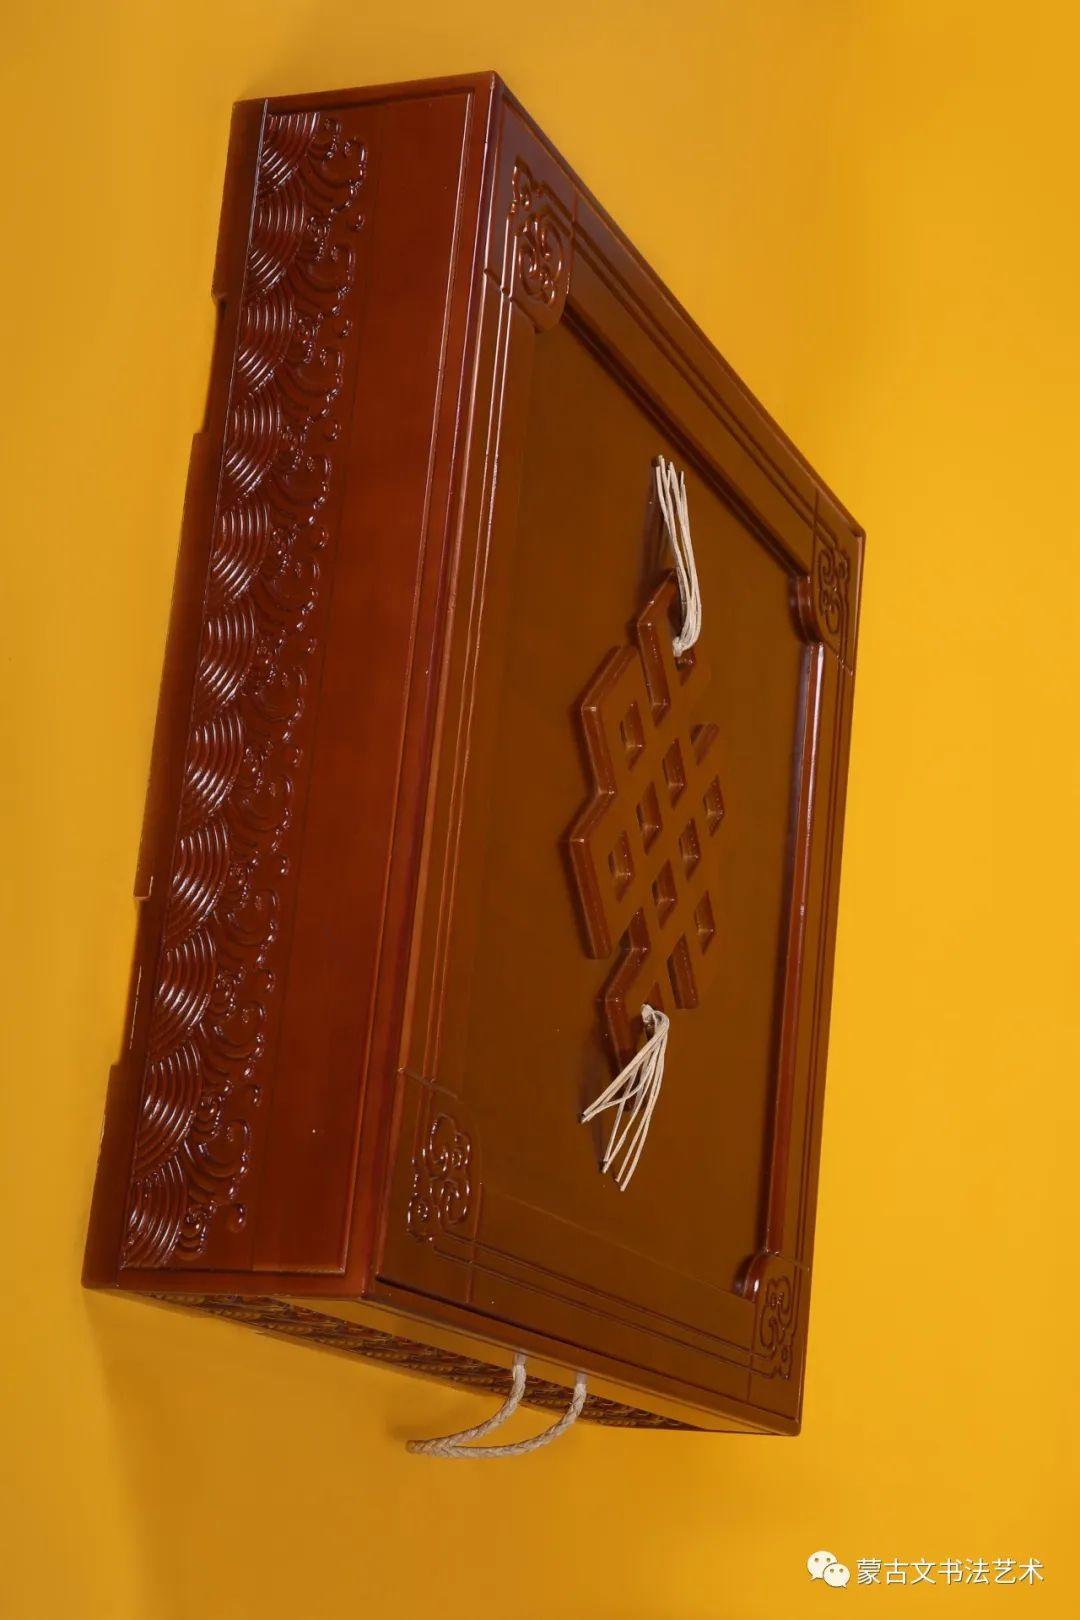 习近平总书记重要讲话摘选蒙古文书法70米长卷作品 第6张